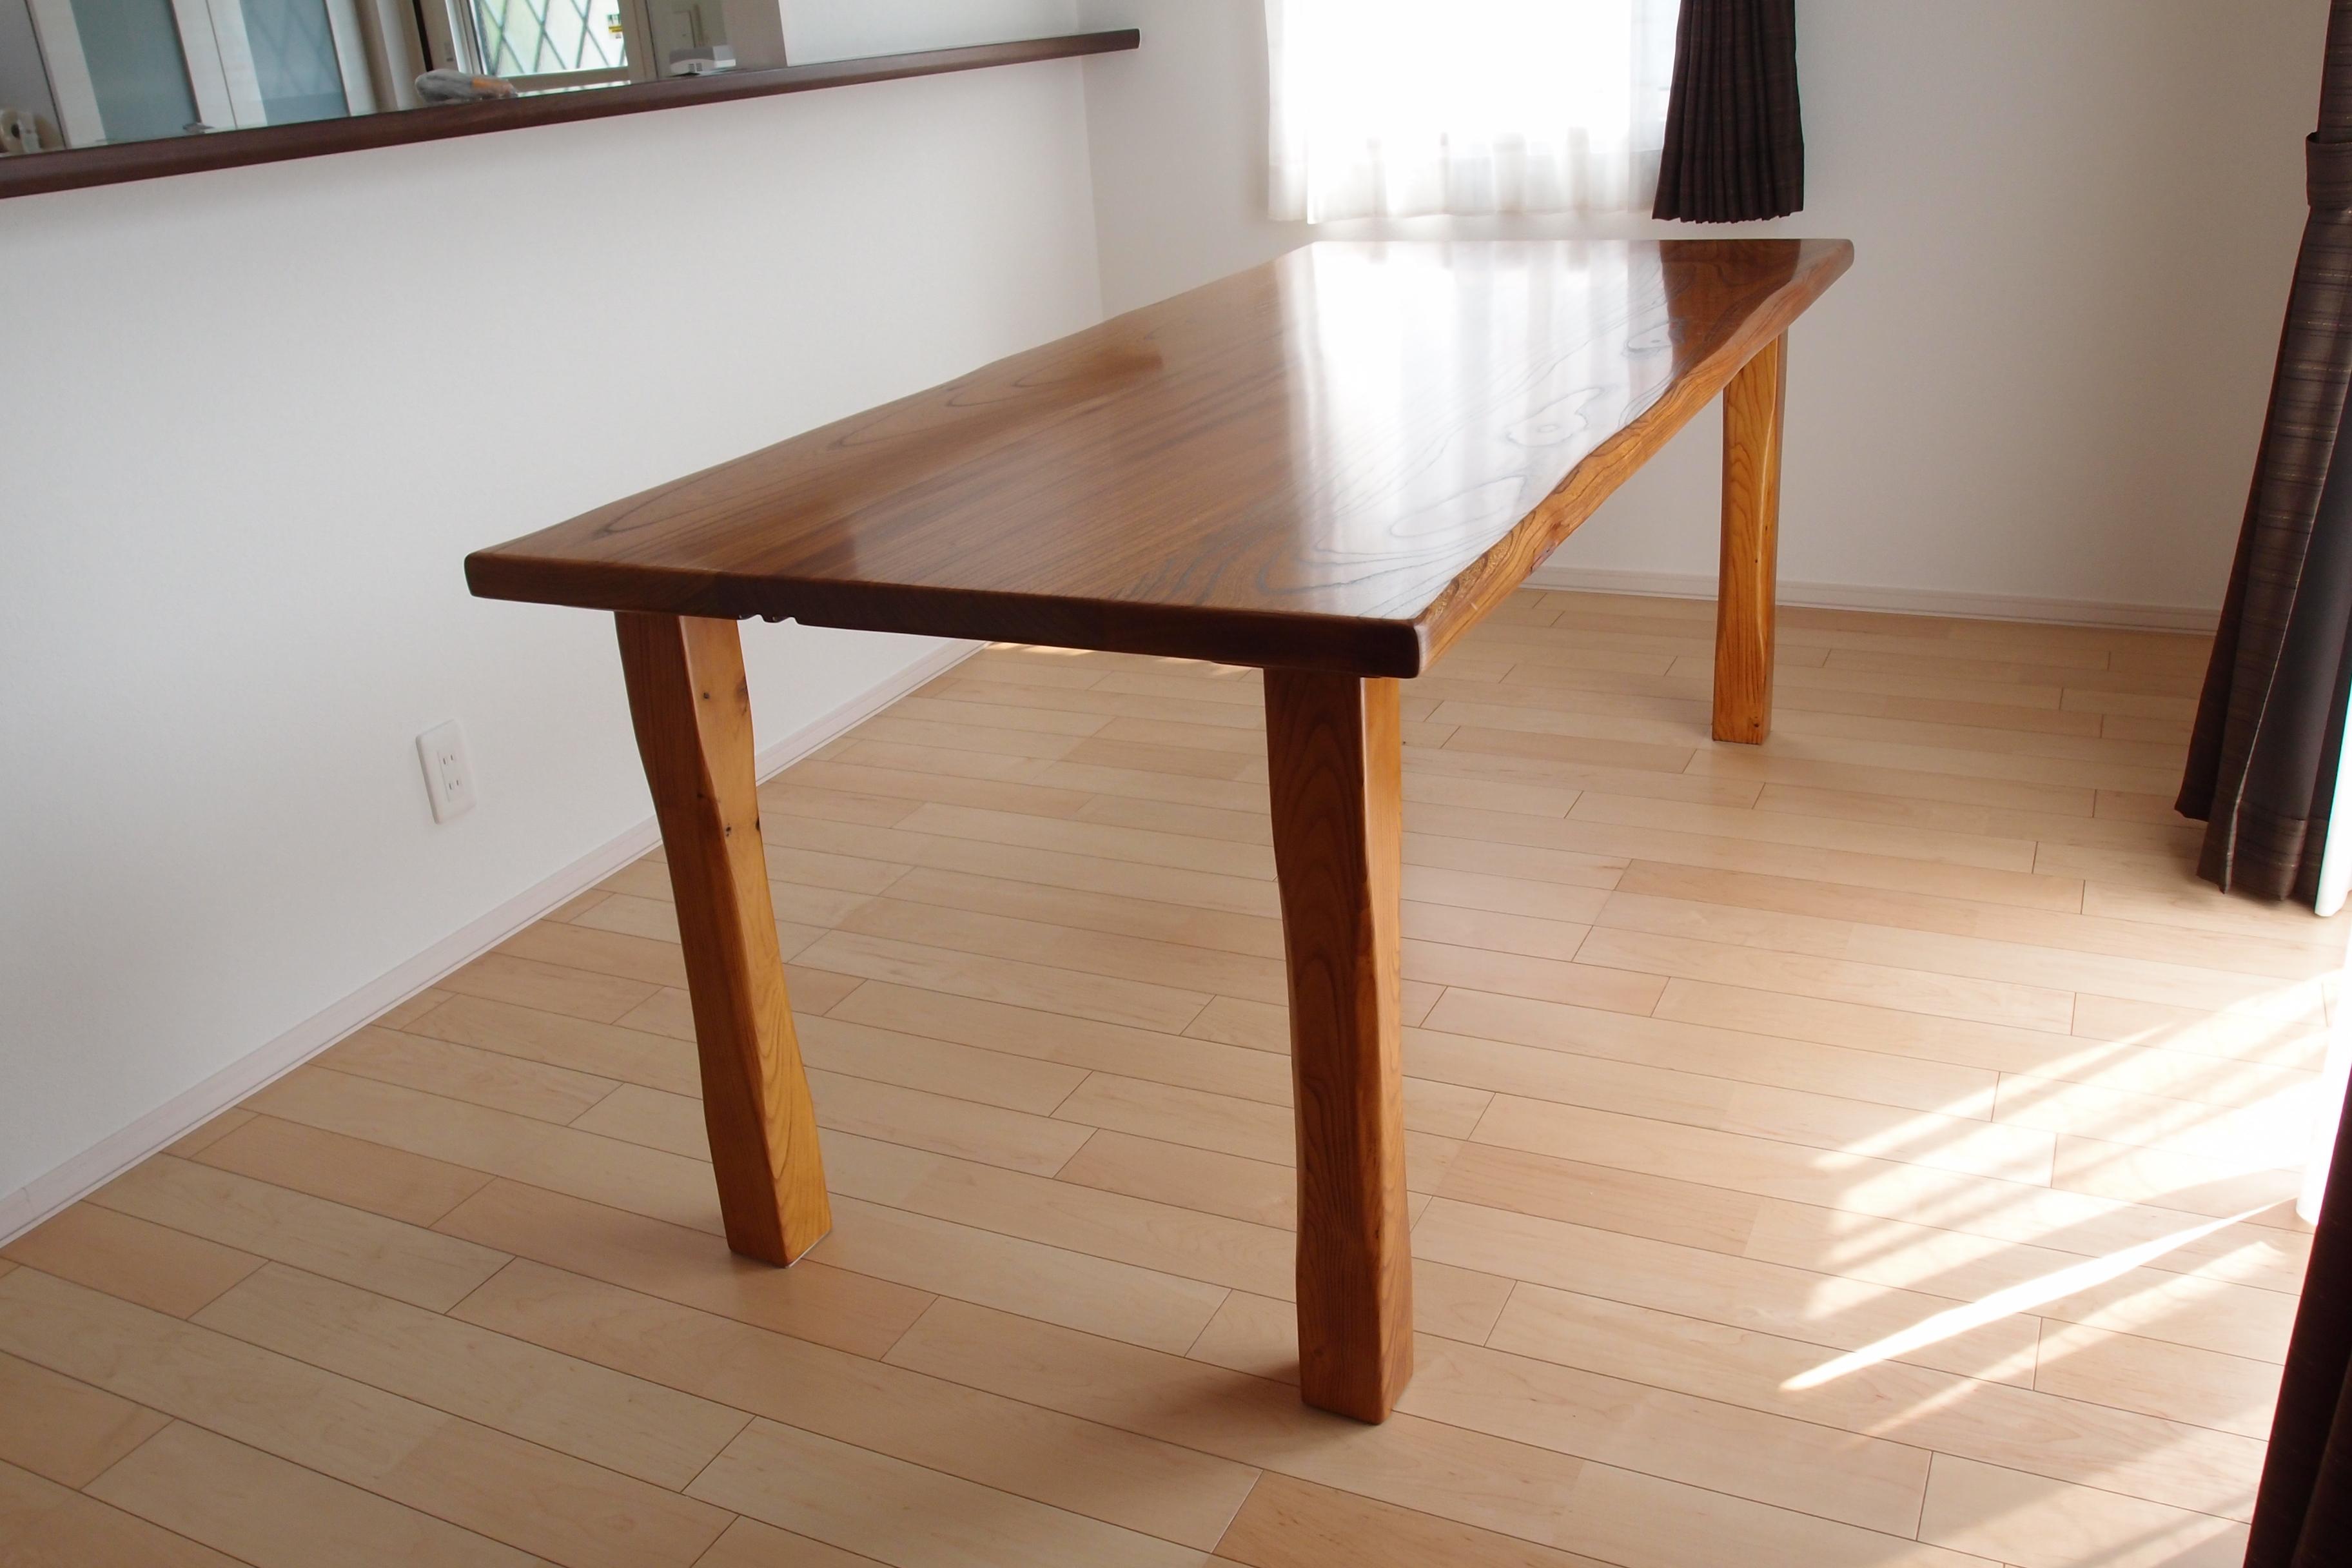 1308吉野様 欅一枚板テーブル(U)&秋田杉テレビボード(W) (2)